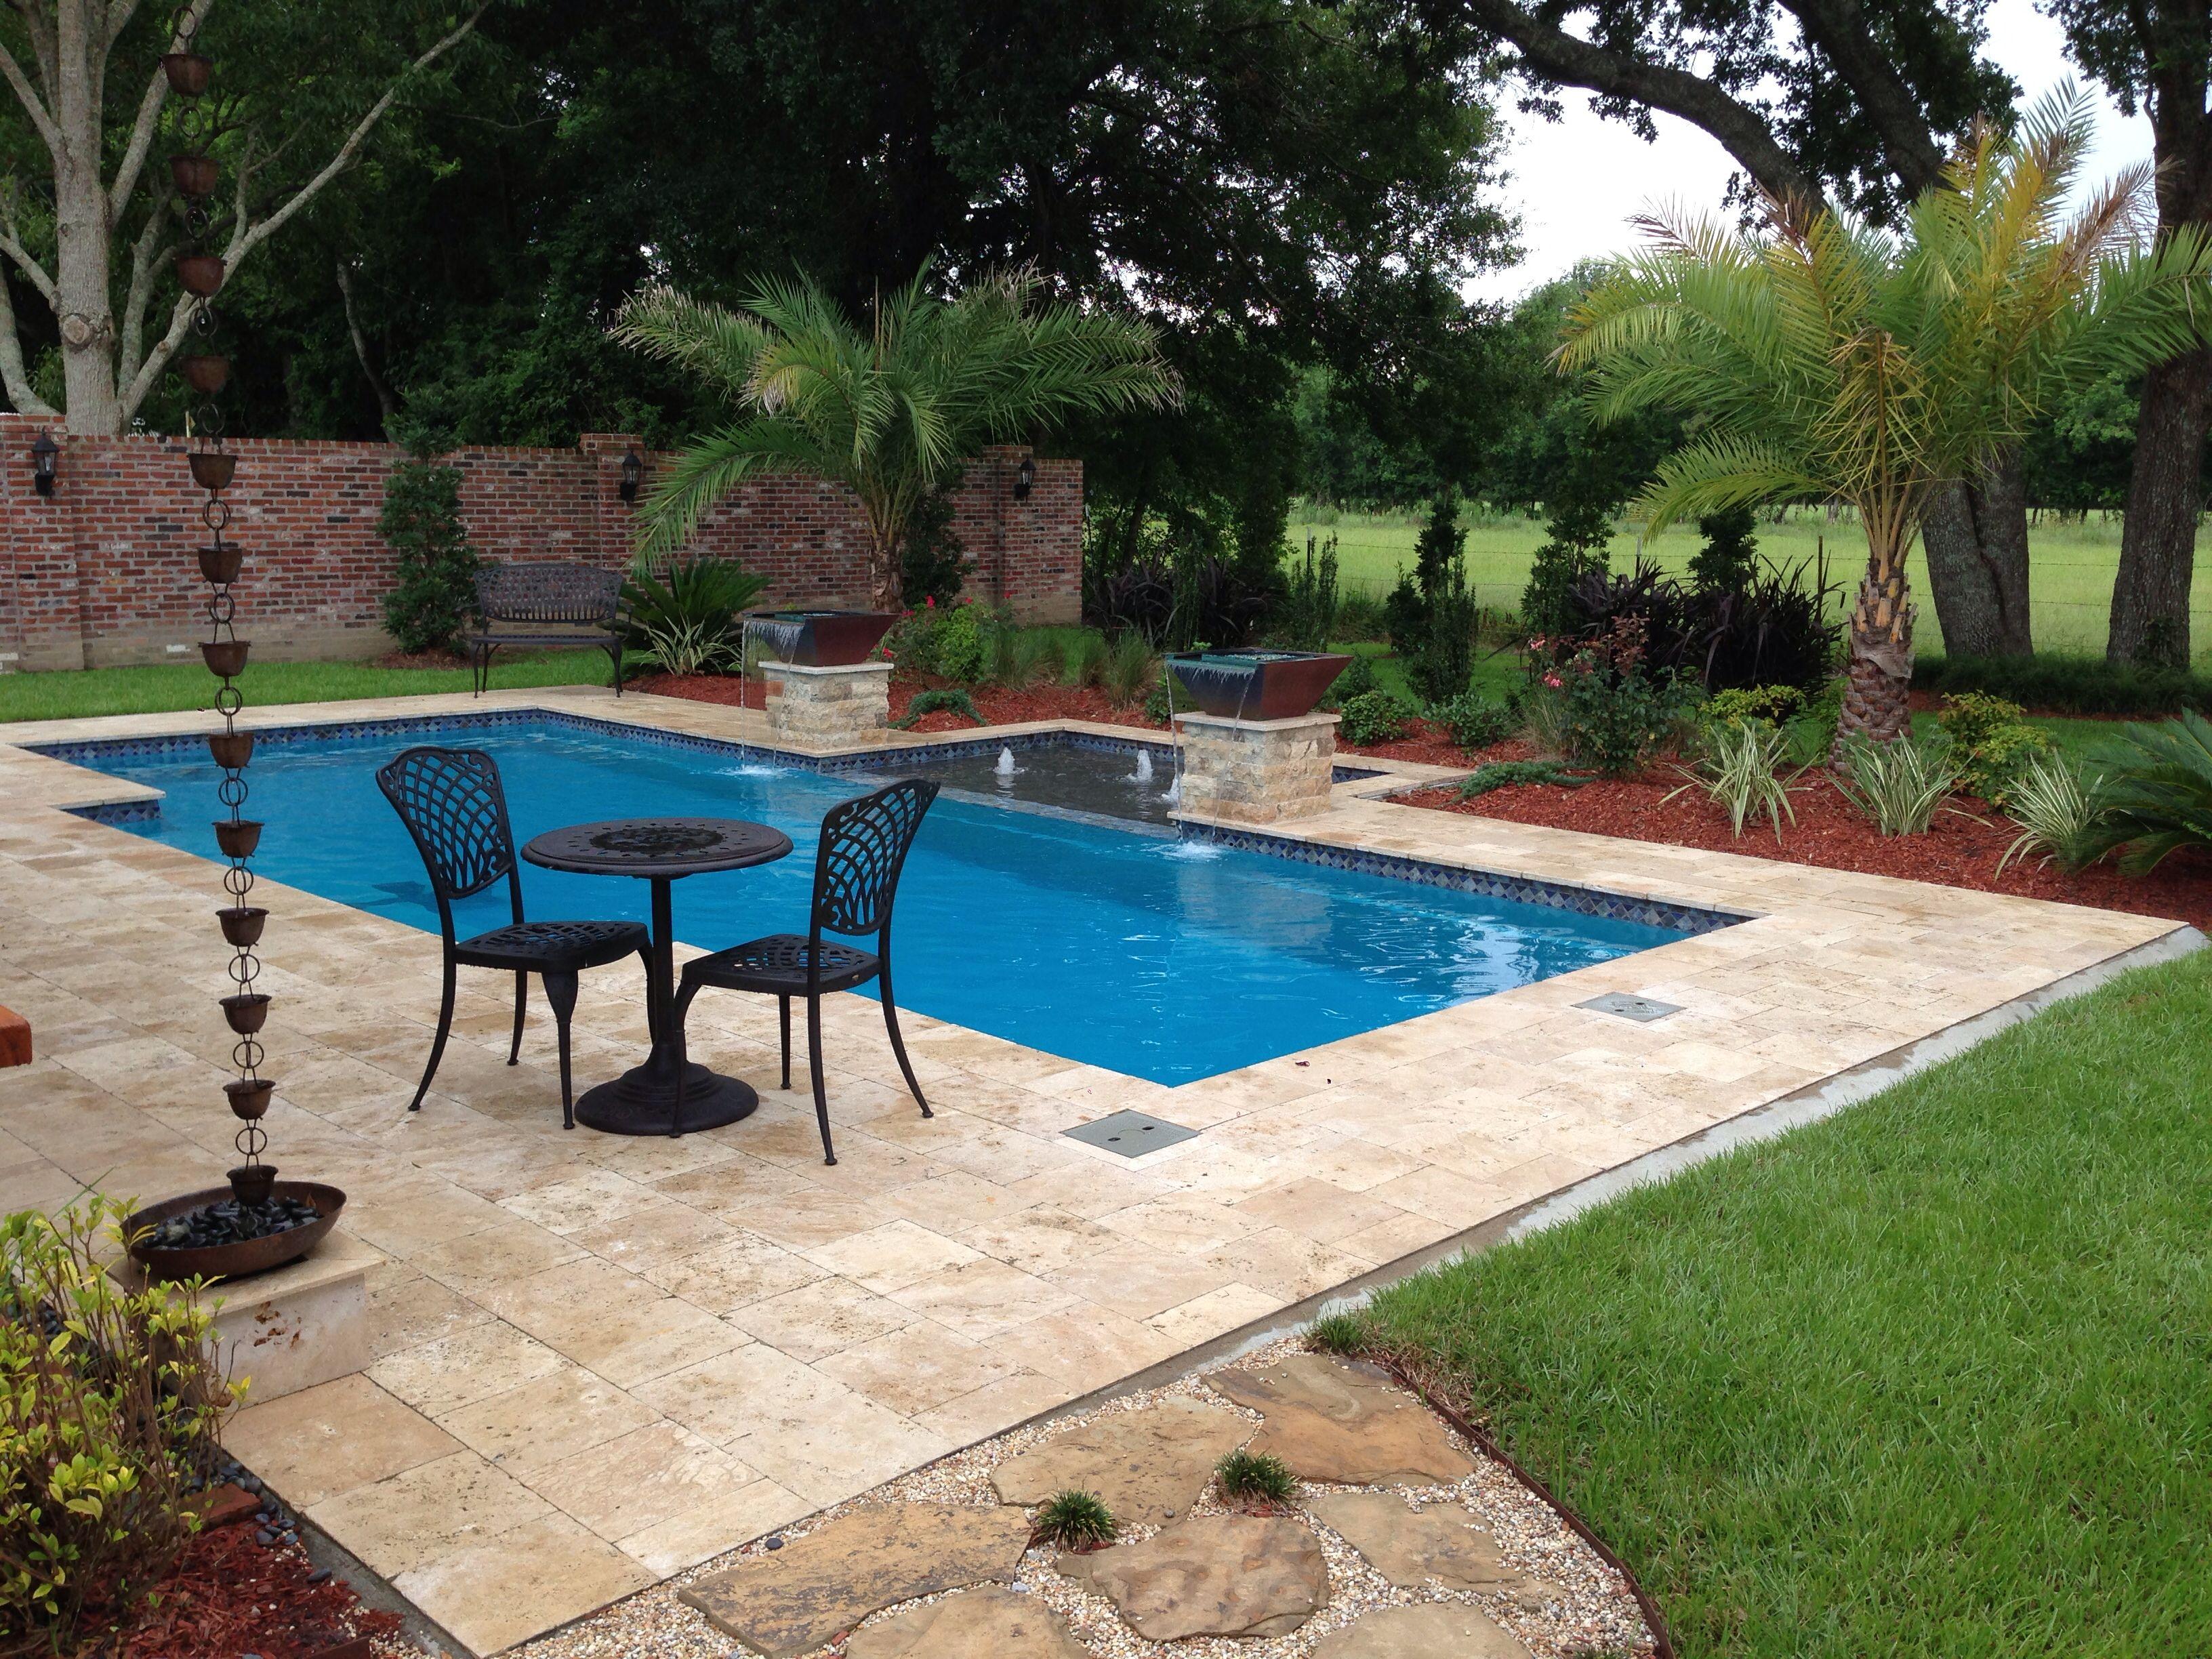 Fiberglass Pool, Tanning Ledge, Travertine, Pavers Cajun